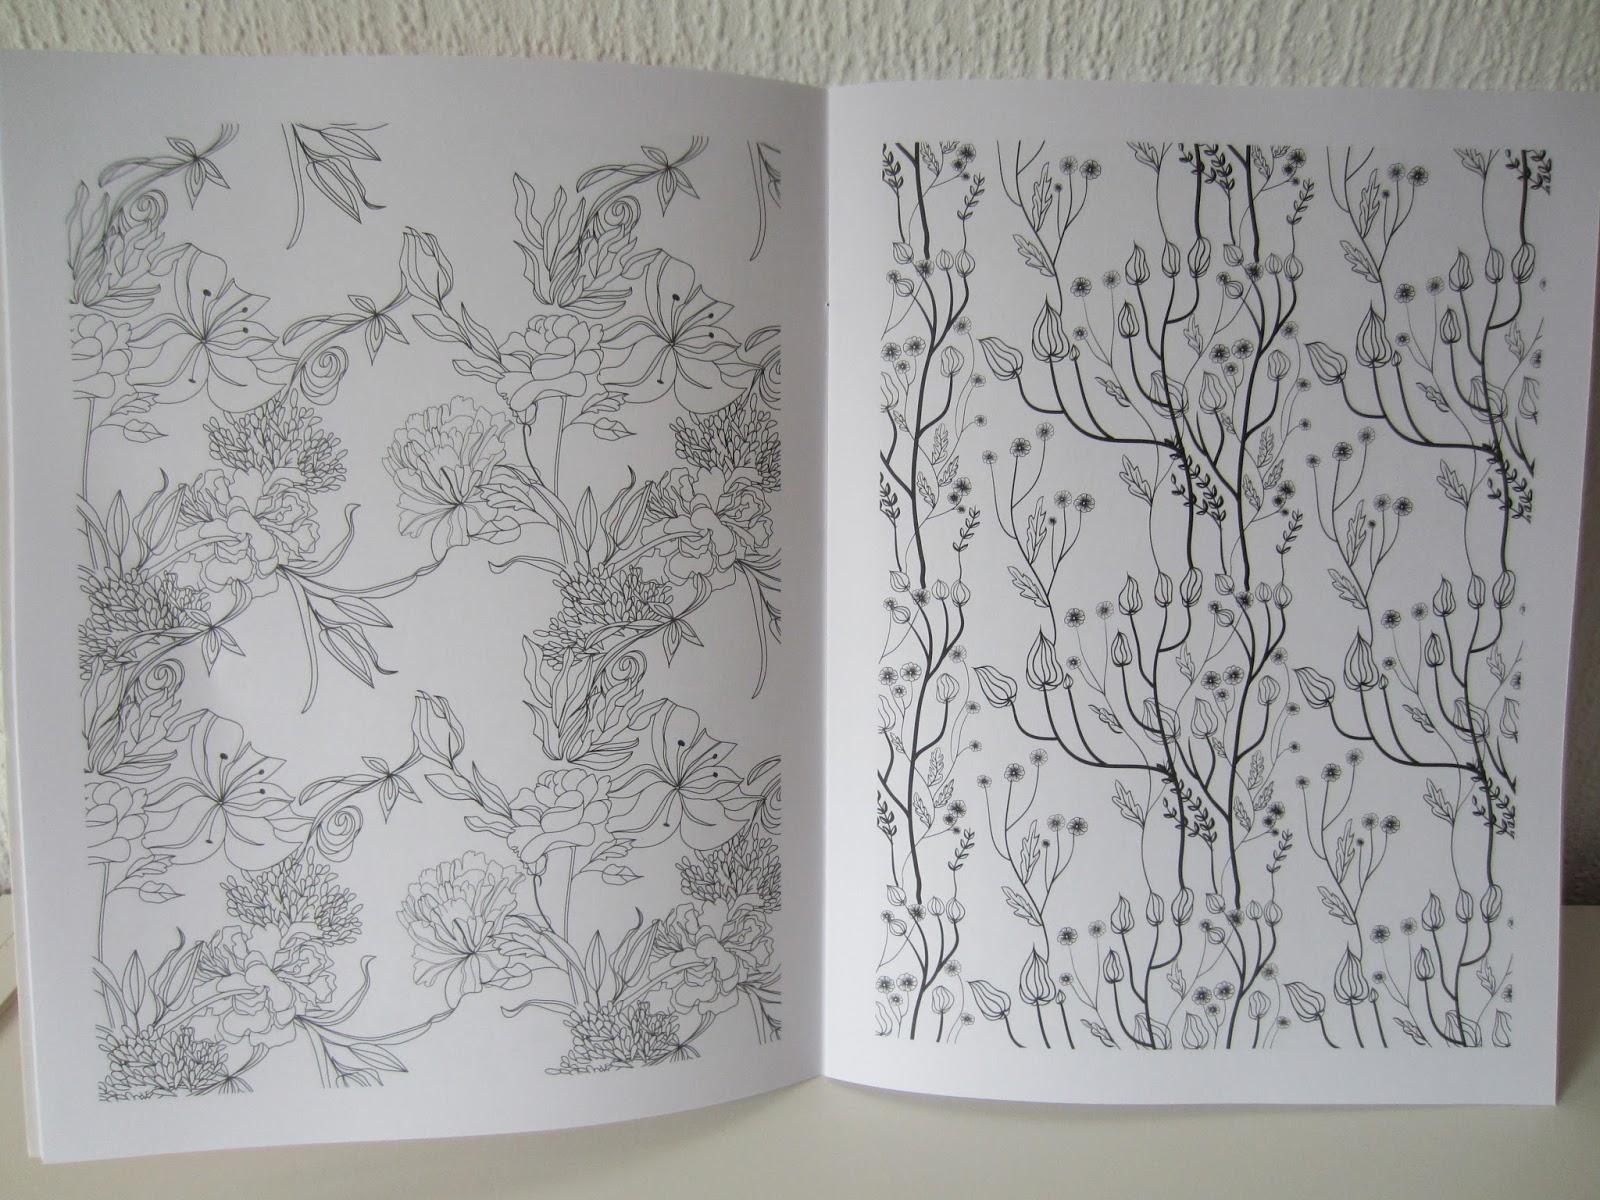 Relaxze creatief kleurboek voor grote mensen relaxze - Idee voor volwassenen ...